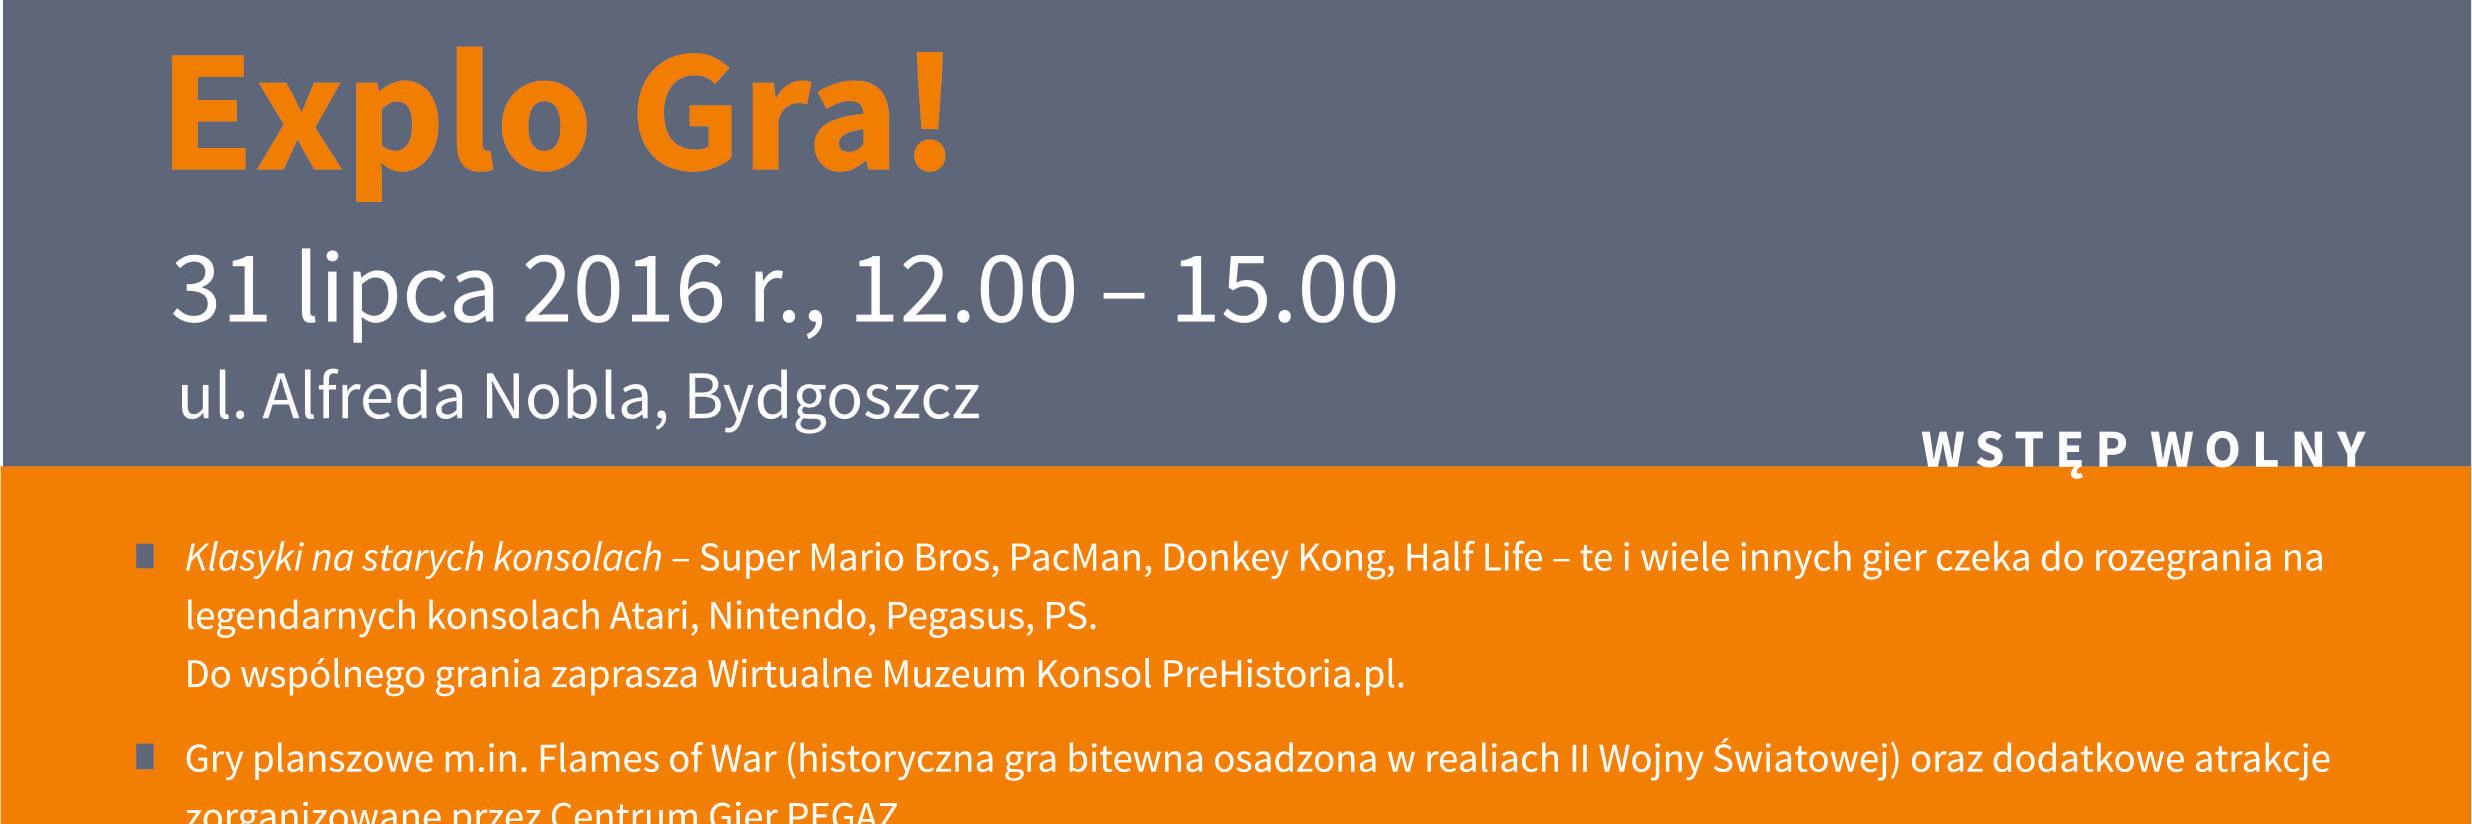 Explo Niedziela w Muzeum Okręgowym w Bydgoszczy